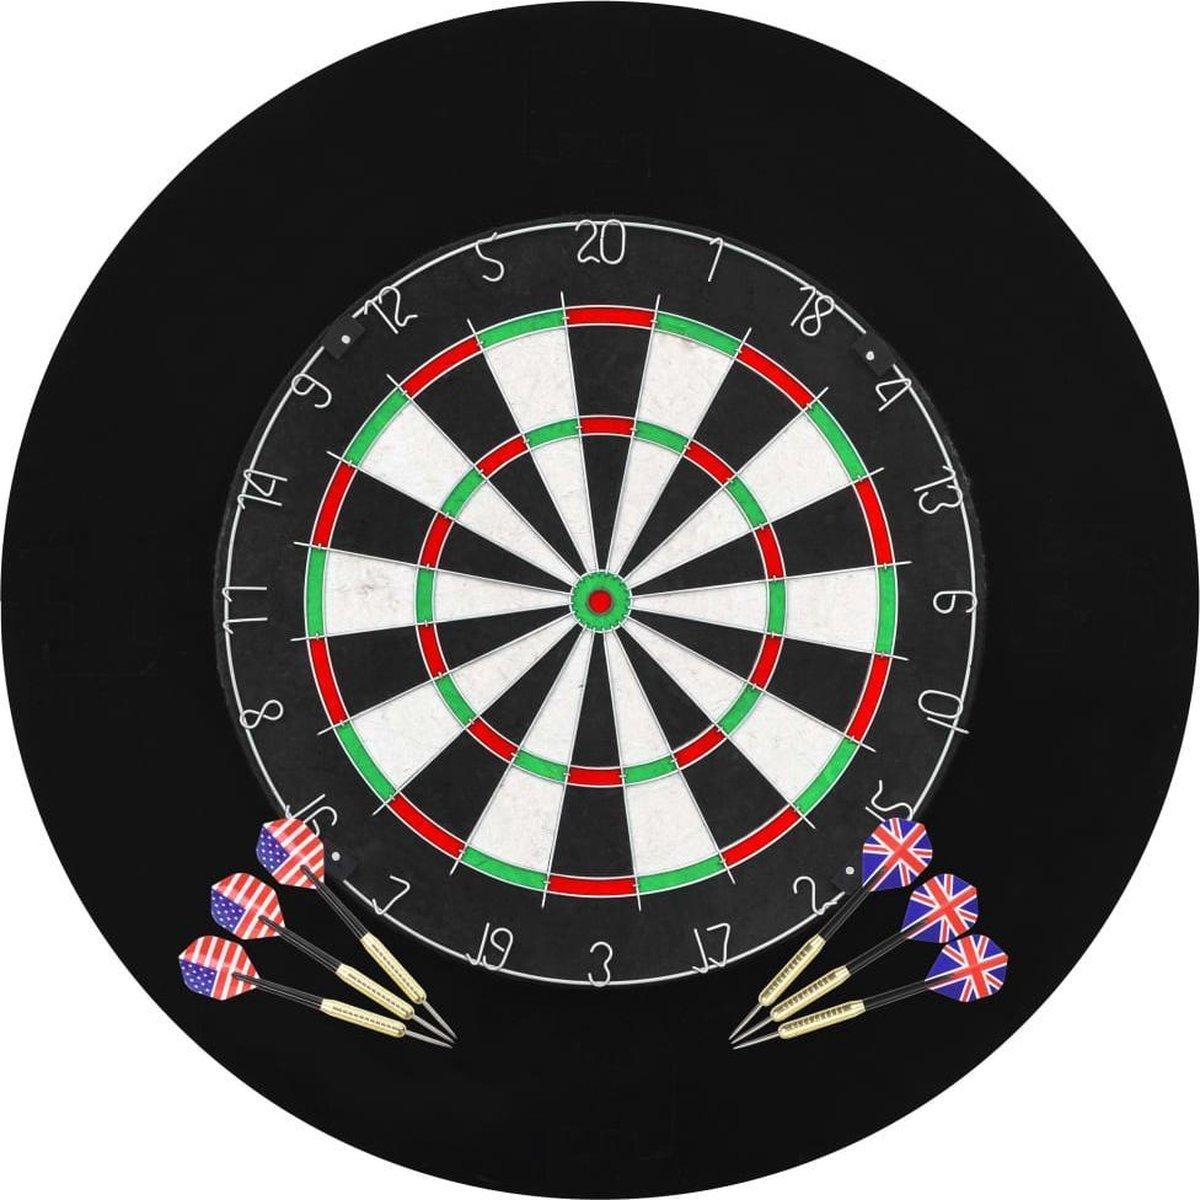 Hip-Wonen.nl - Professioneel Dartbord + Surround ring + Dartpijlen - Dartset - 45 x 3,8 cm